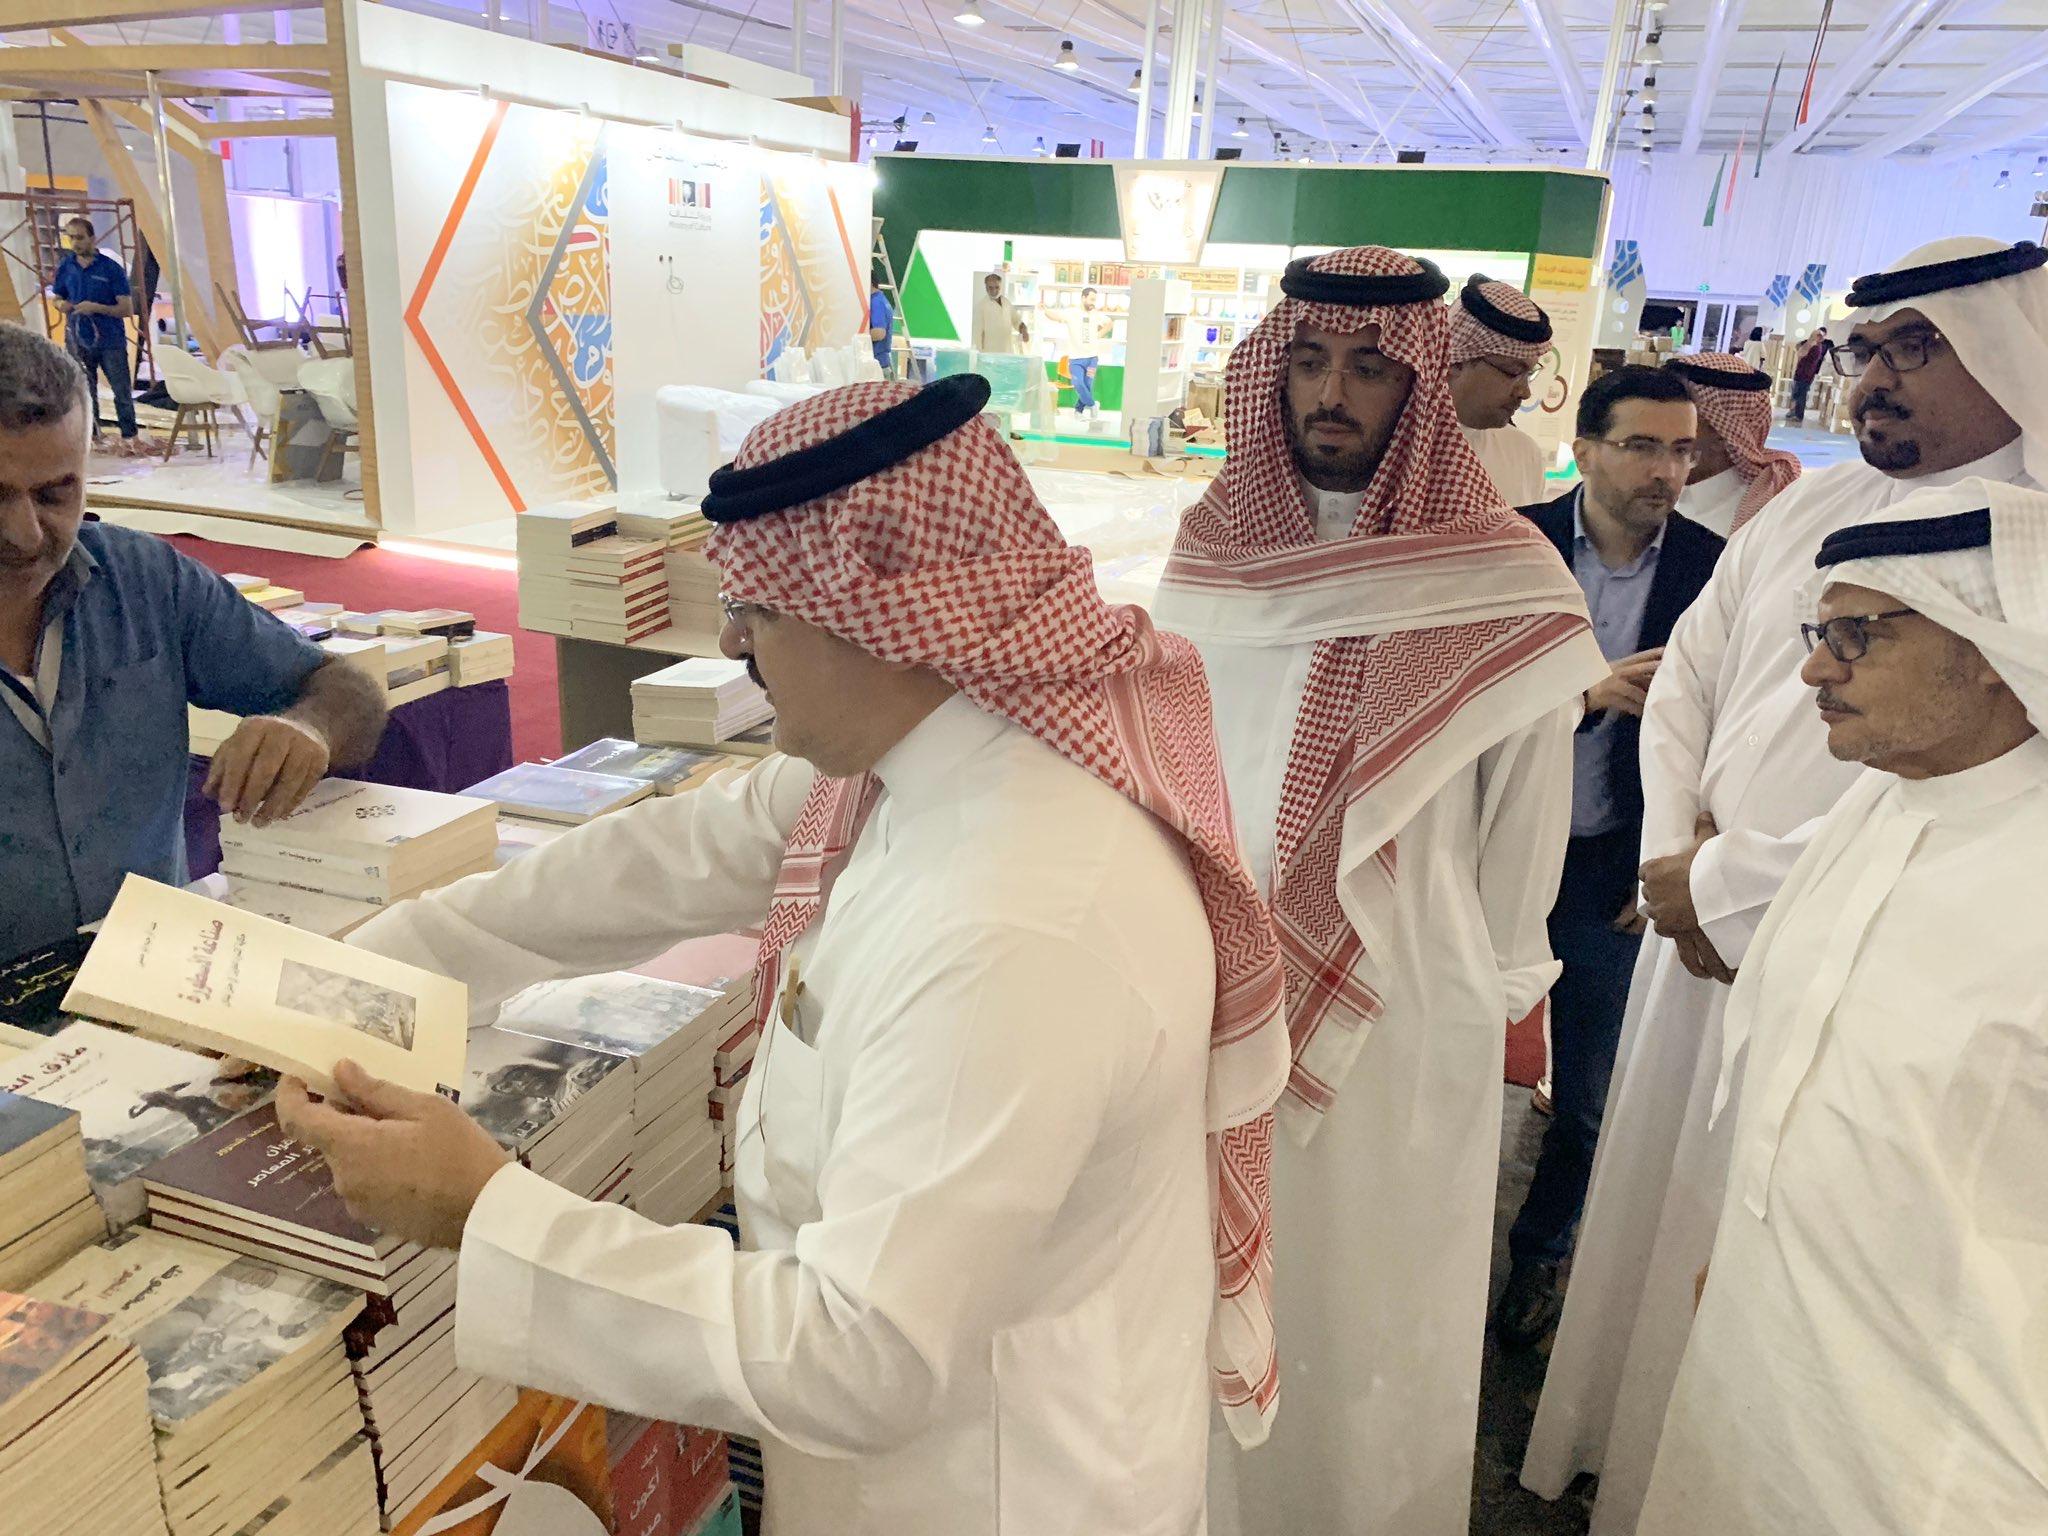 للمرة الثانية منذ مطلع الأسبوع .. الأمير مشعل بن ماجد يقف على آخر ترتيبات انطلاق معرض جدة الخامس للكتاب